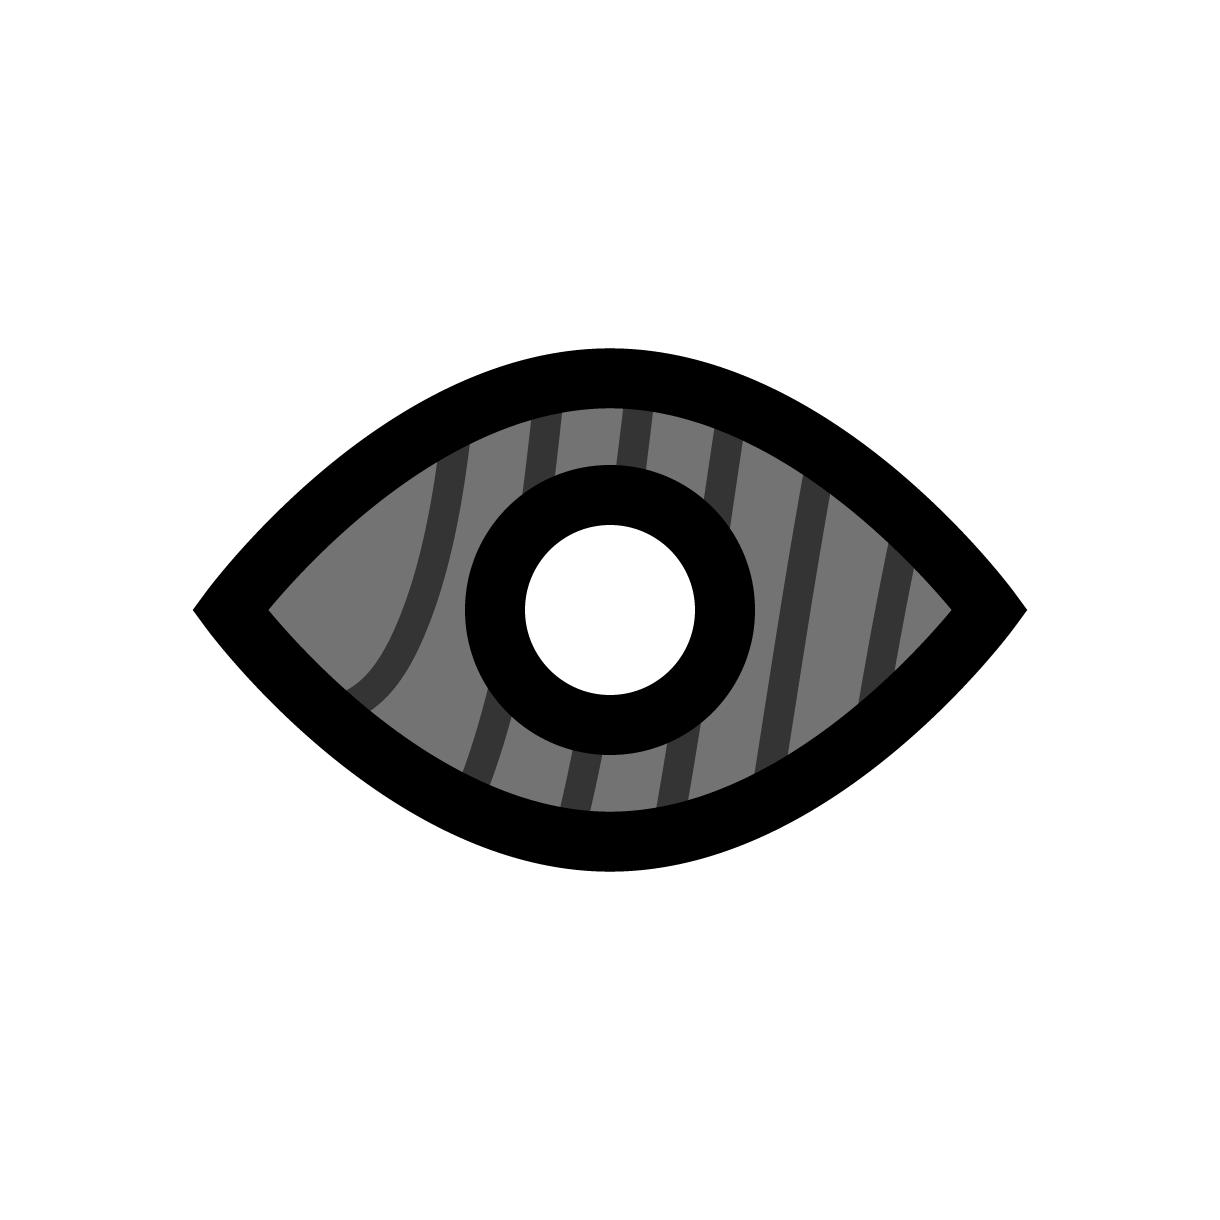 atlas_icon_theme-01